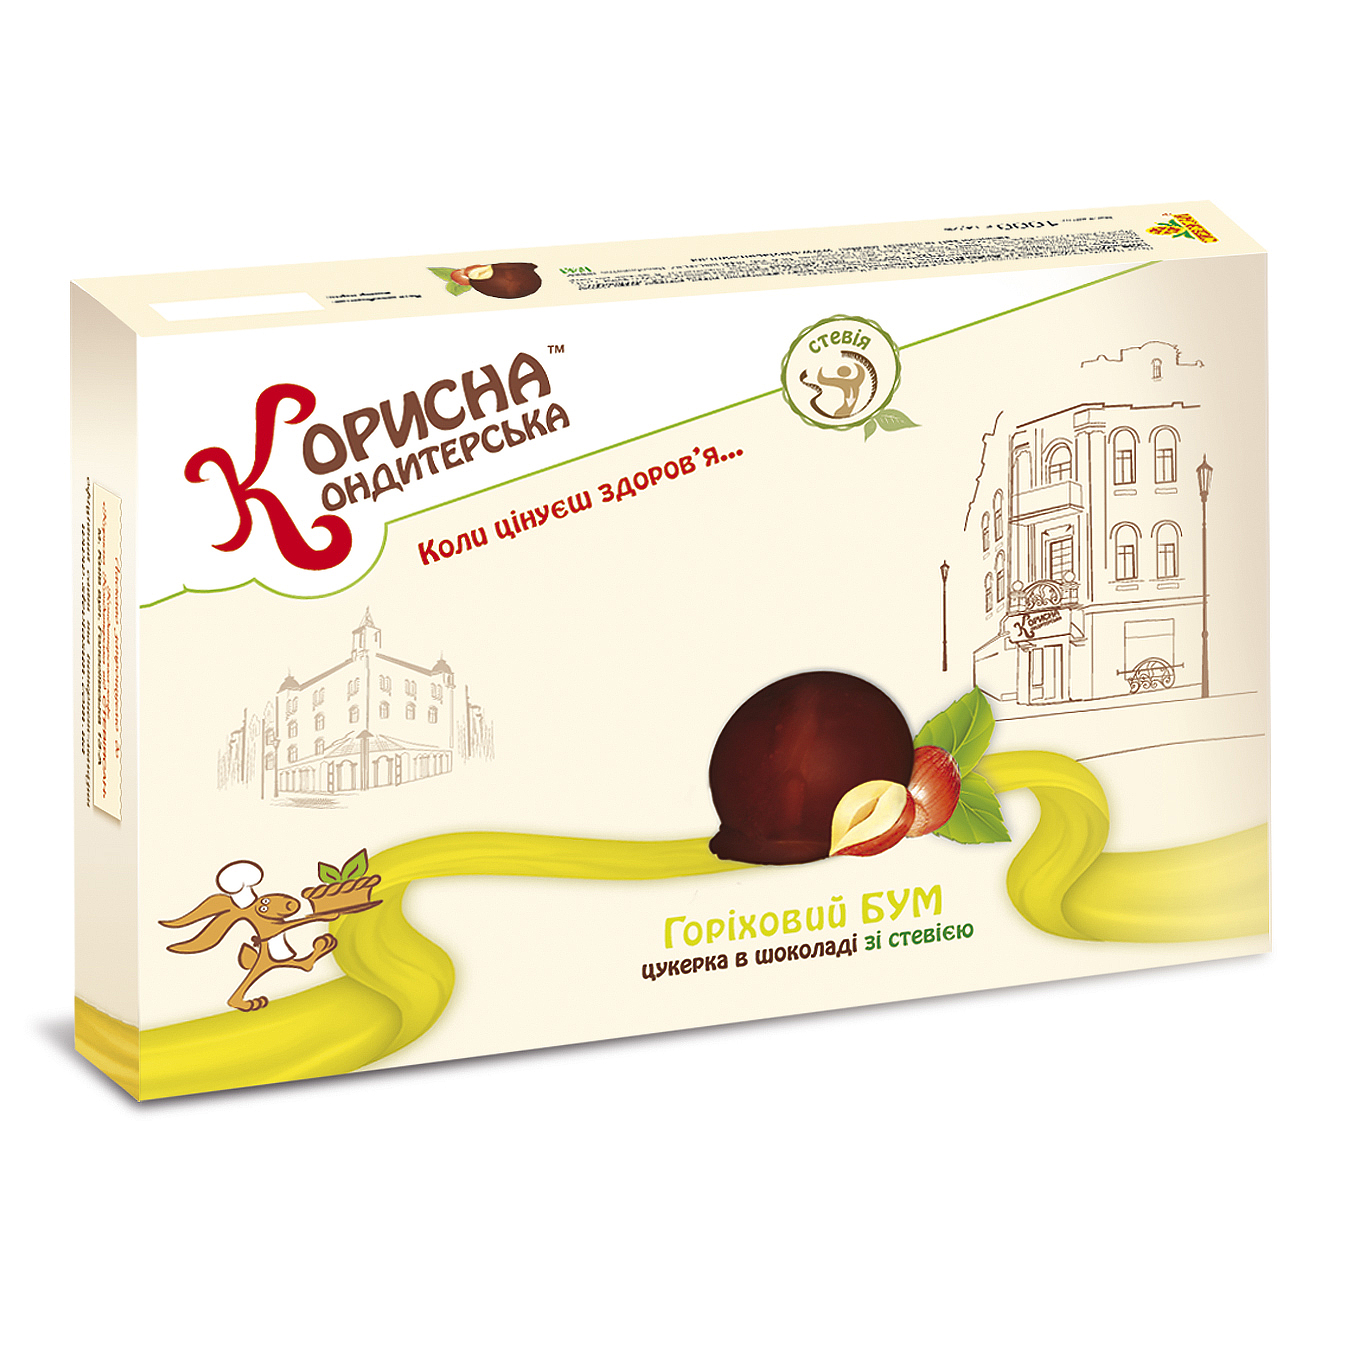 Цукерки в шоколаді «Горіховий БУМ» зі стевією, 1кг.